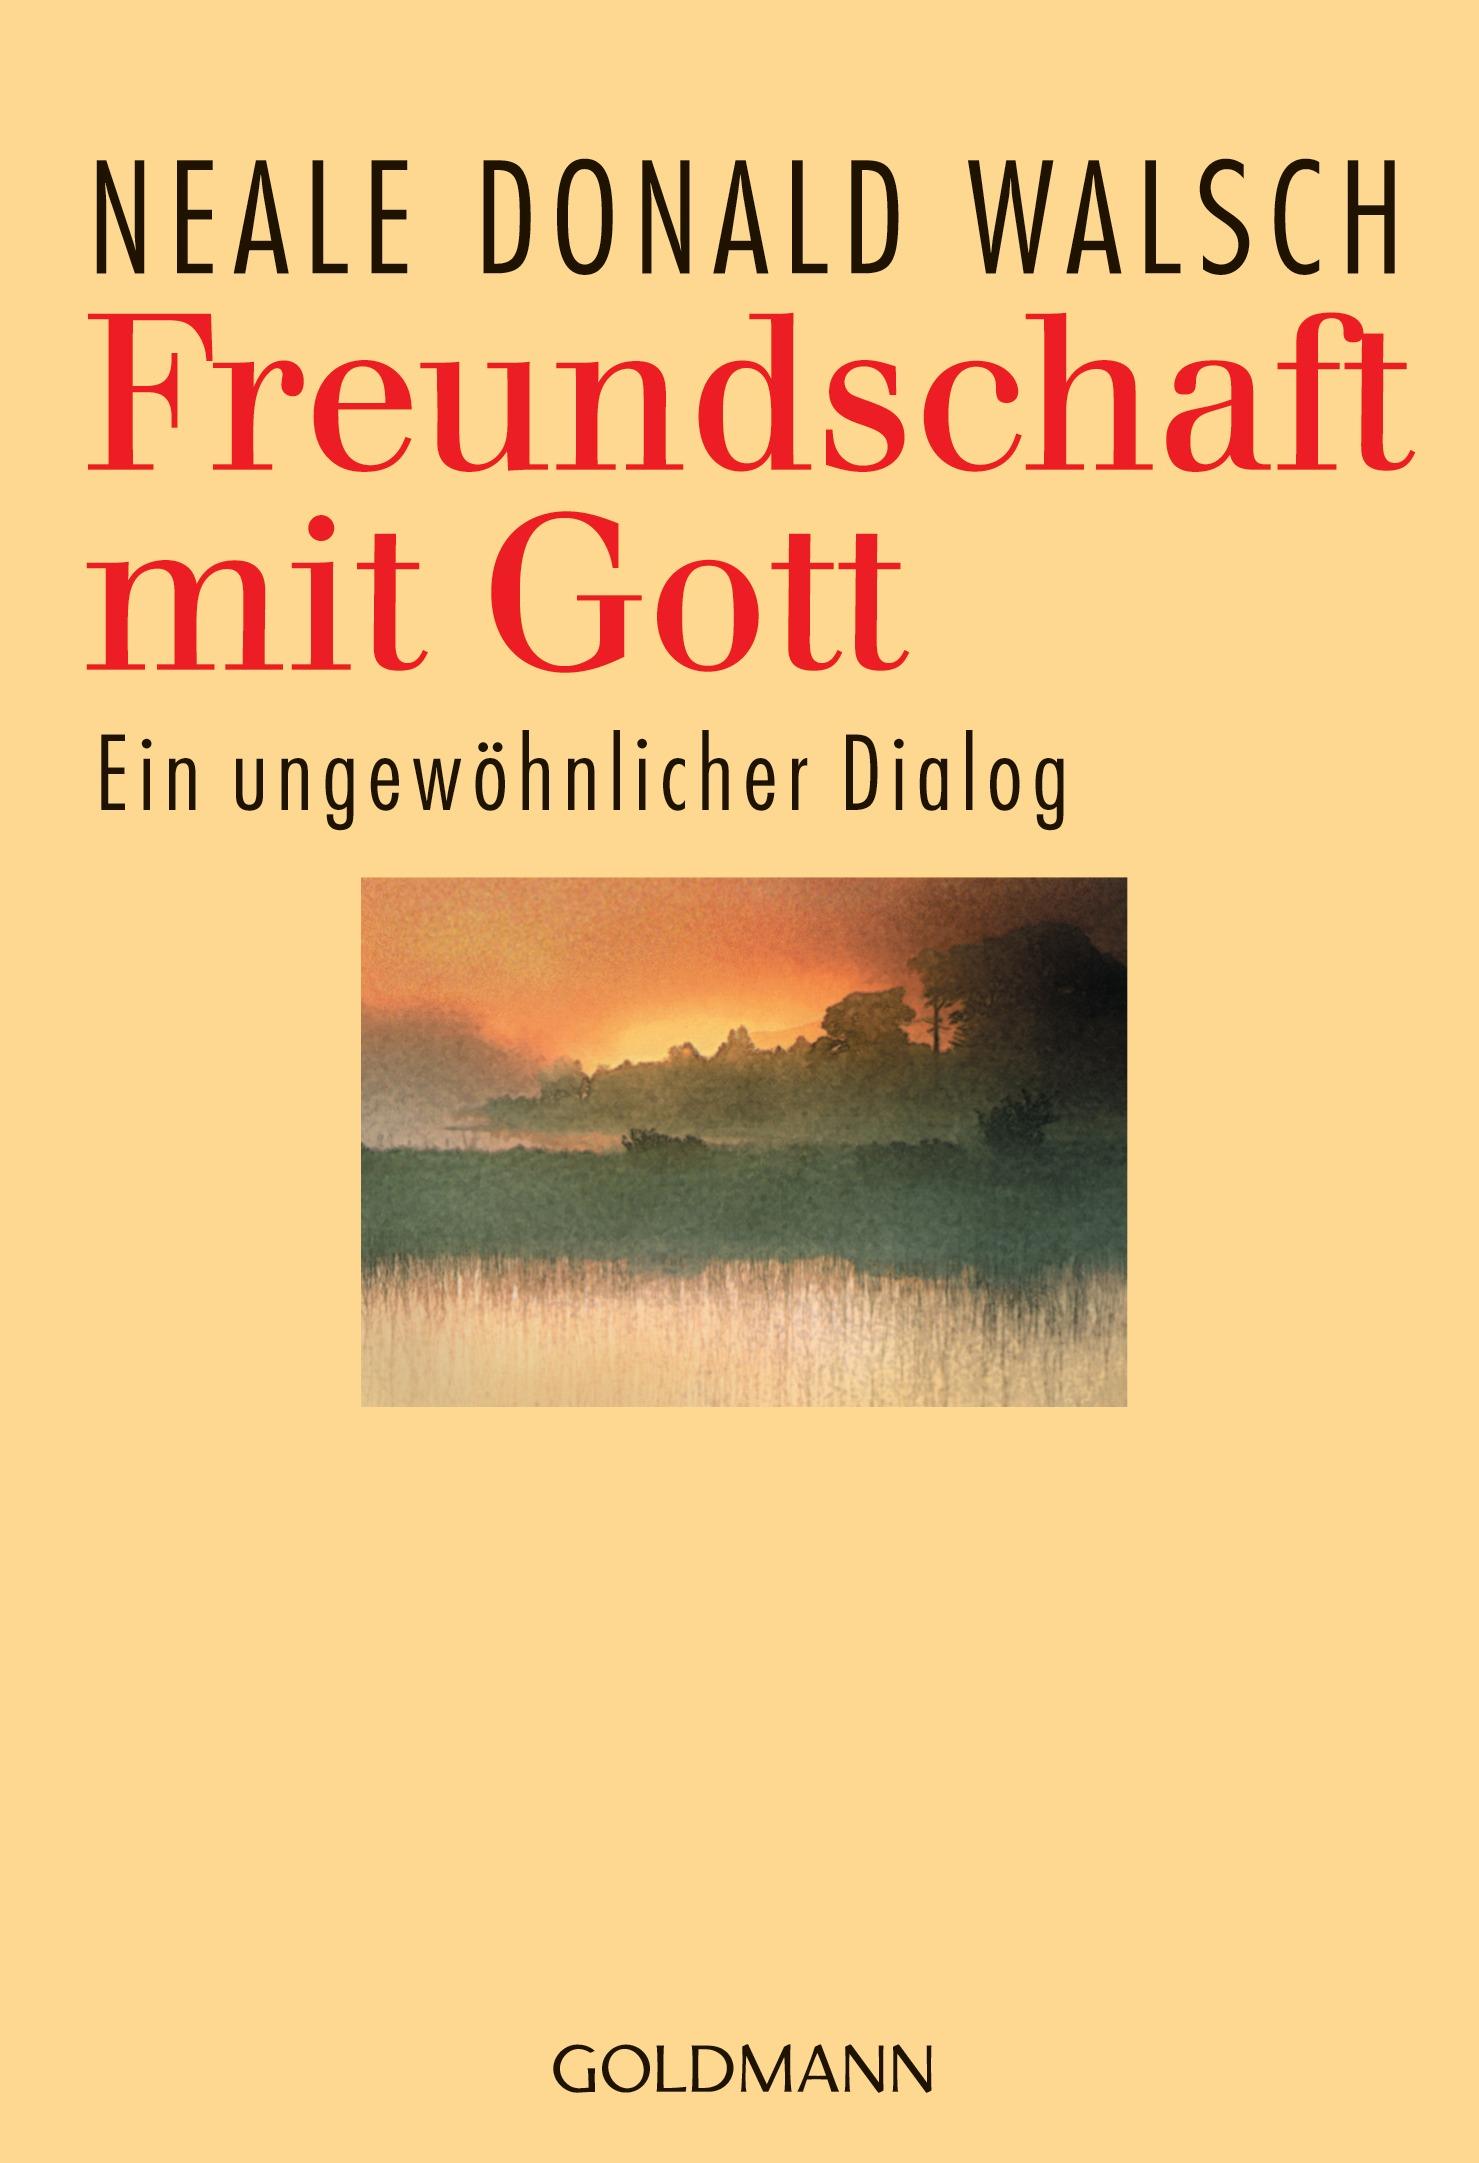 Freundschaft mit Gott: Ein ungewöhnlicher Dialog - Neale Donald Walsch